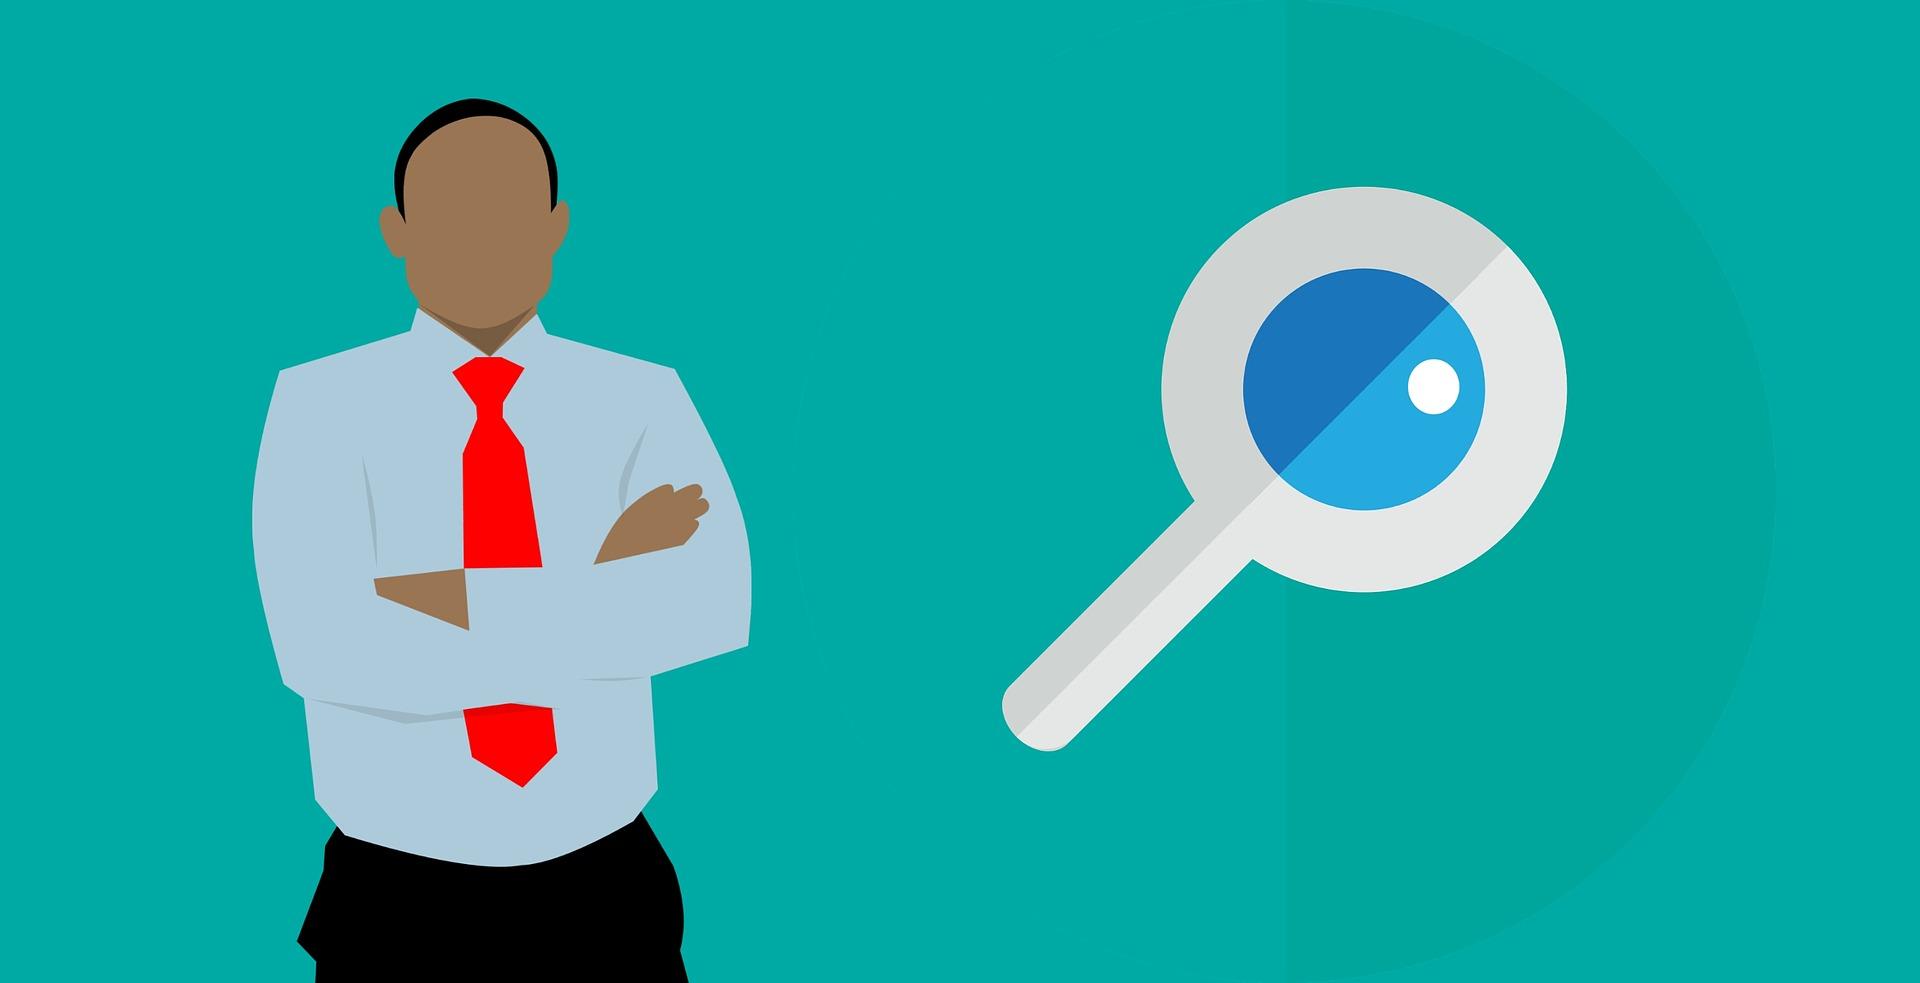 Vorteile Suchmaschinenoptimierung